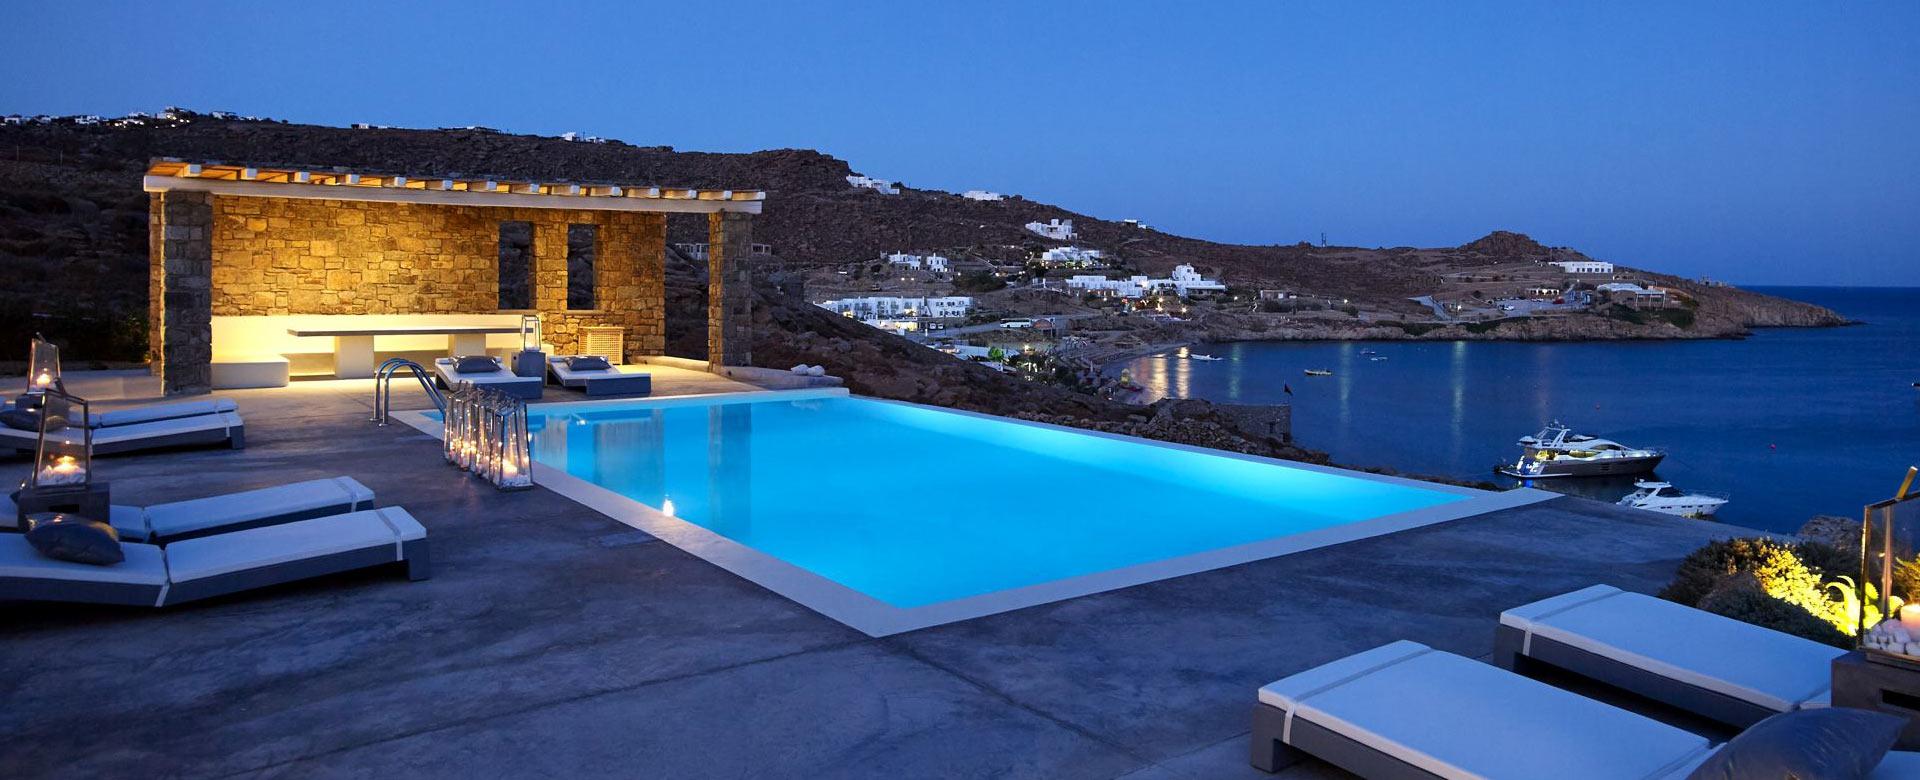 Affitto villa mykonos affitto villa vacanza mykonos for Ville con piscina immagini